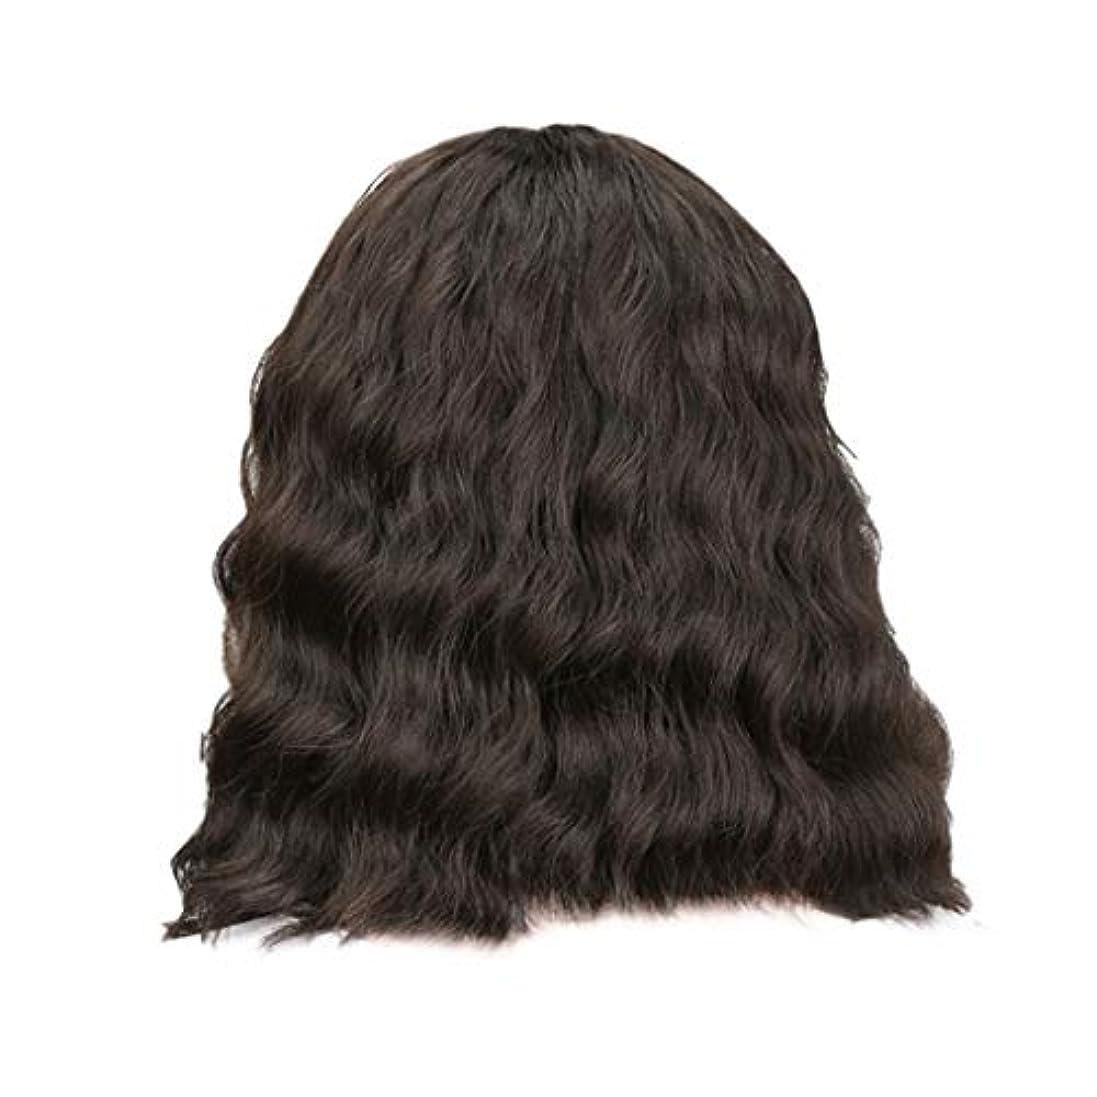 ドライブ研究コミュニティ女性の黒の短い巻き毛のかつらボブ波かつらローズネット34 cm